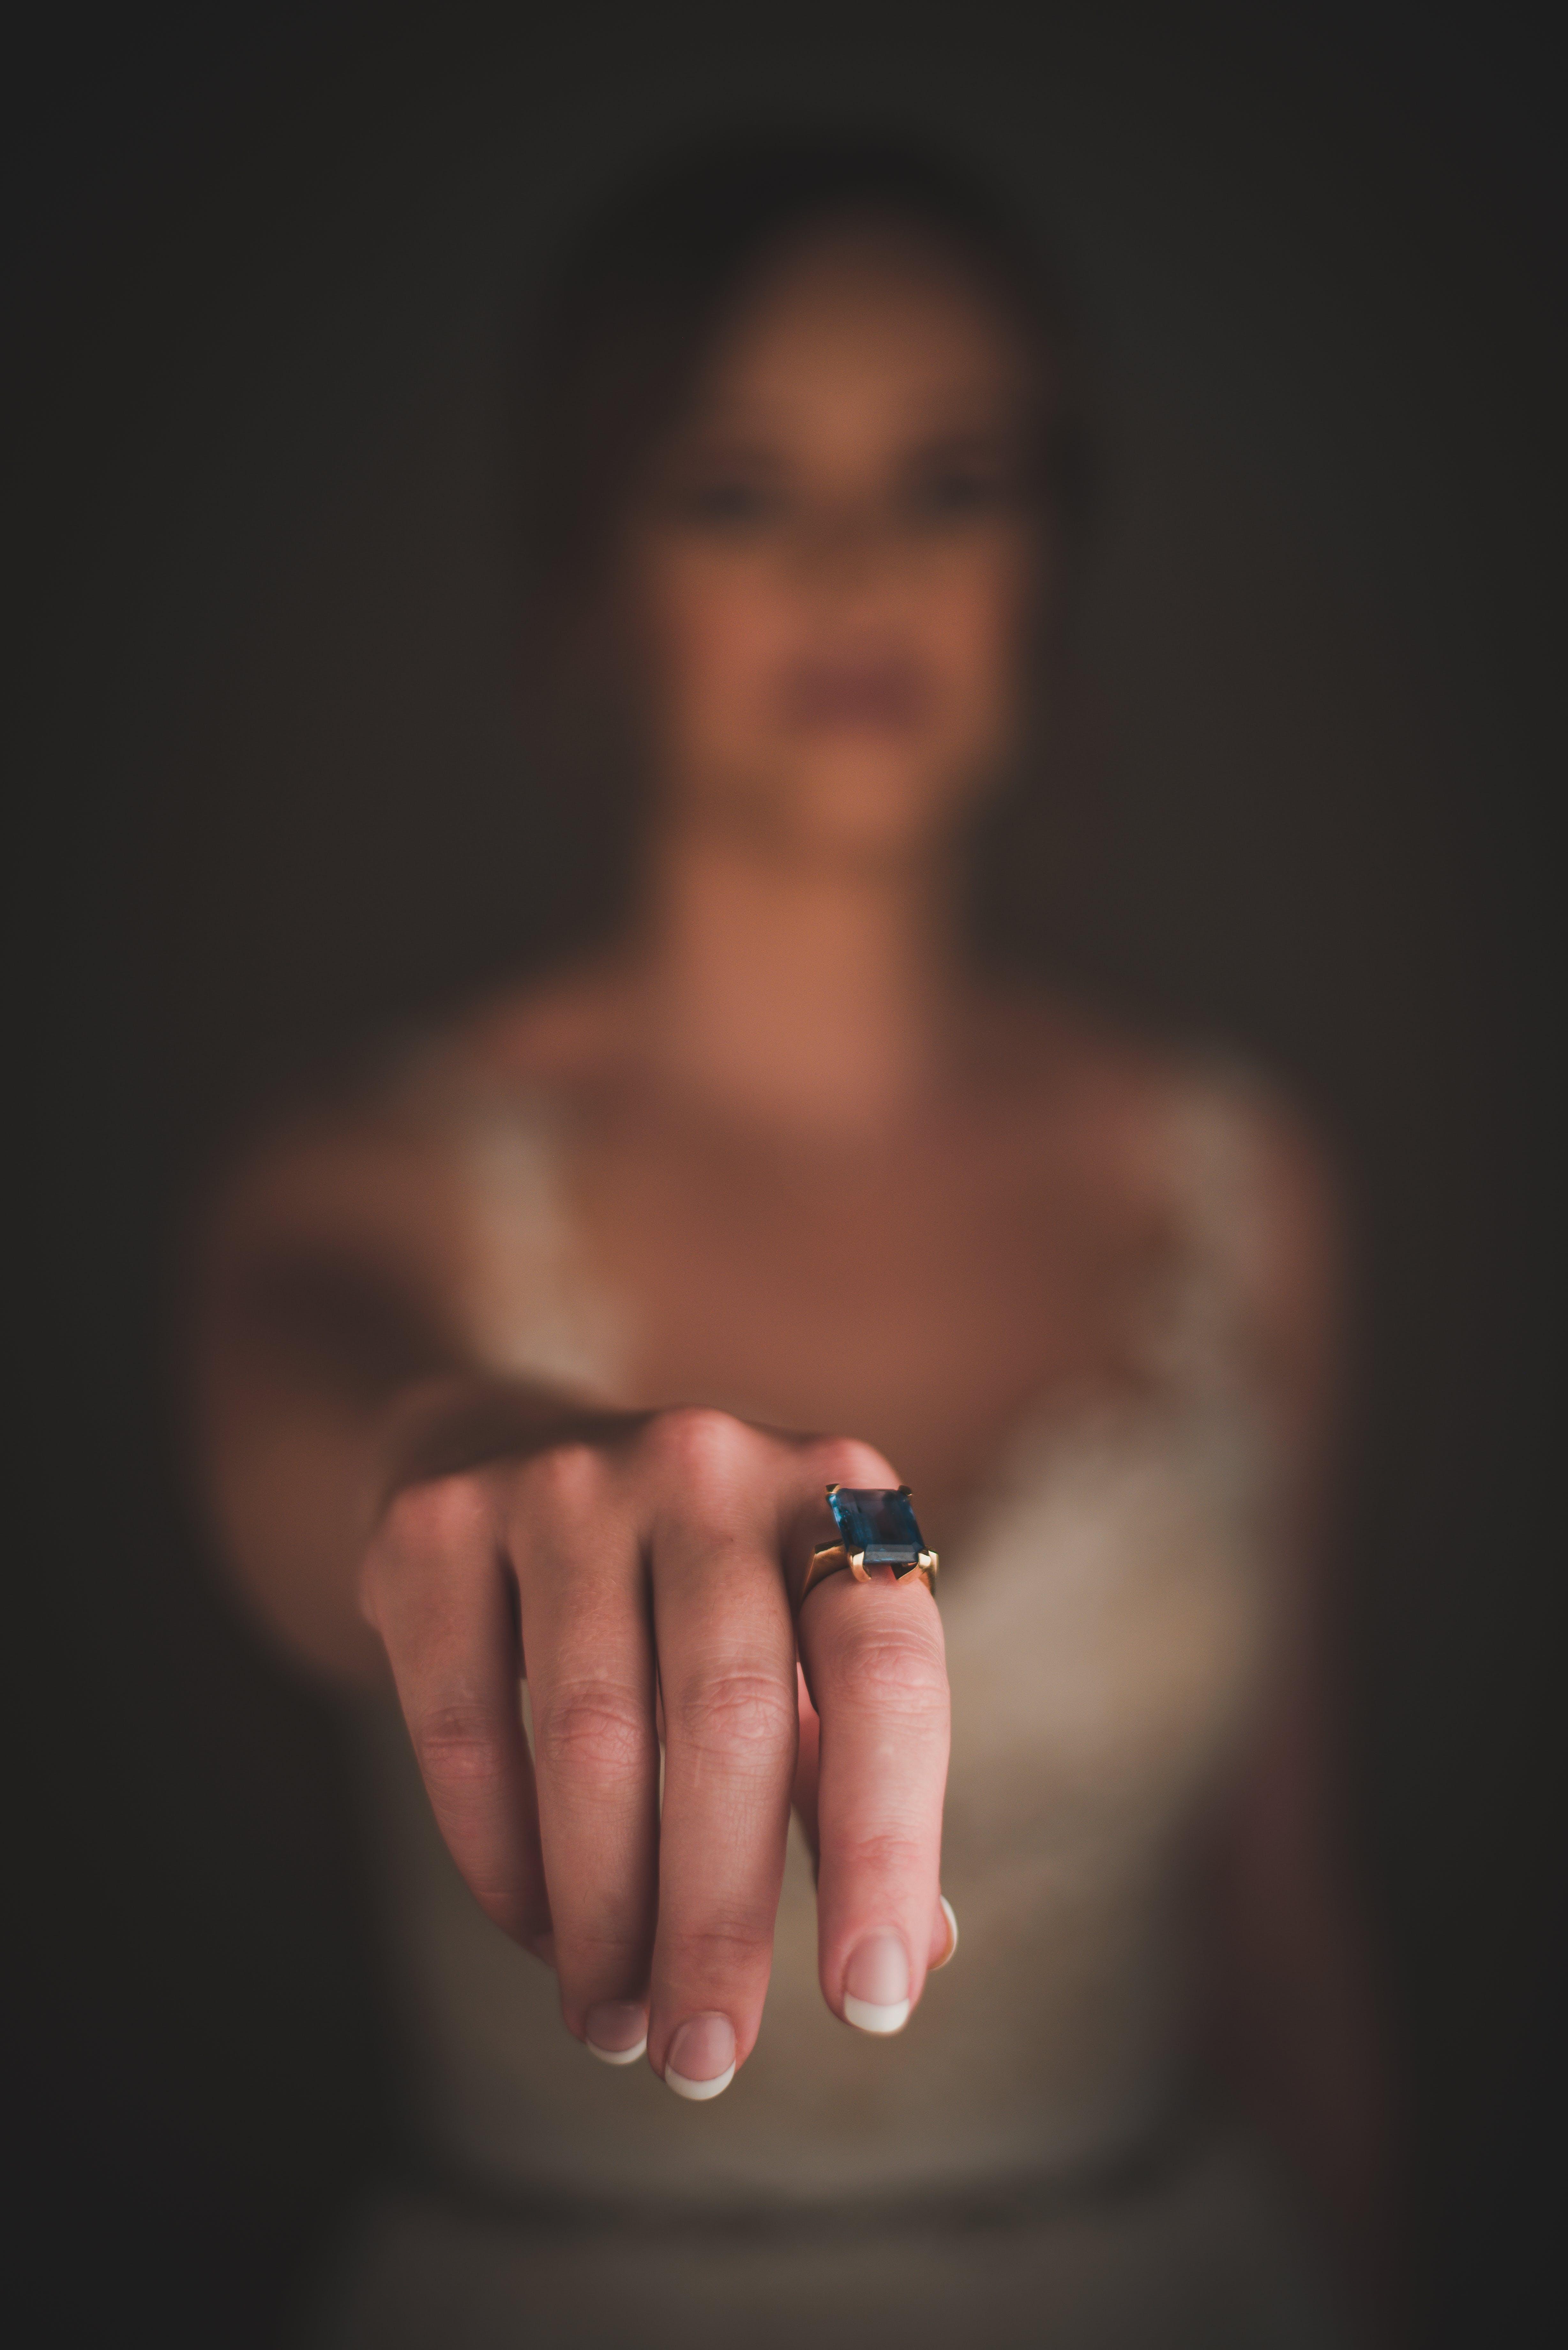 doplňky, osoba, prsten